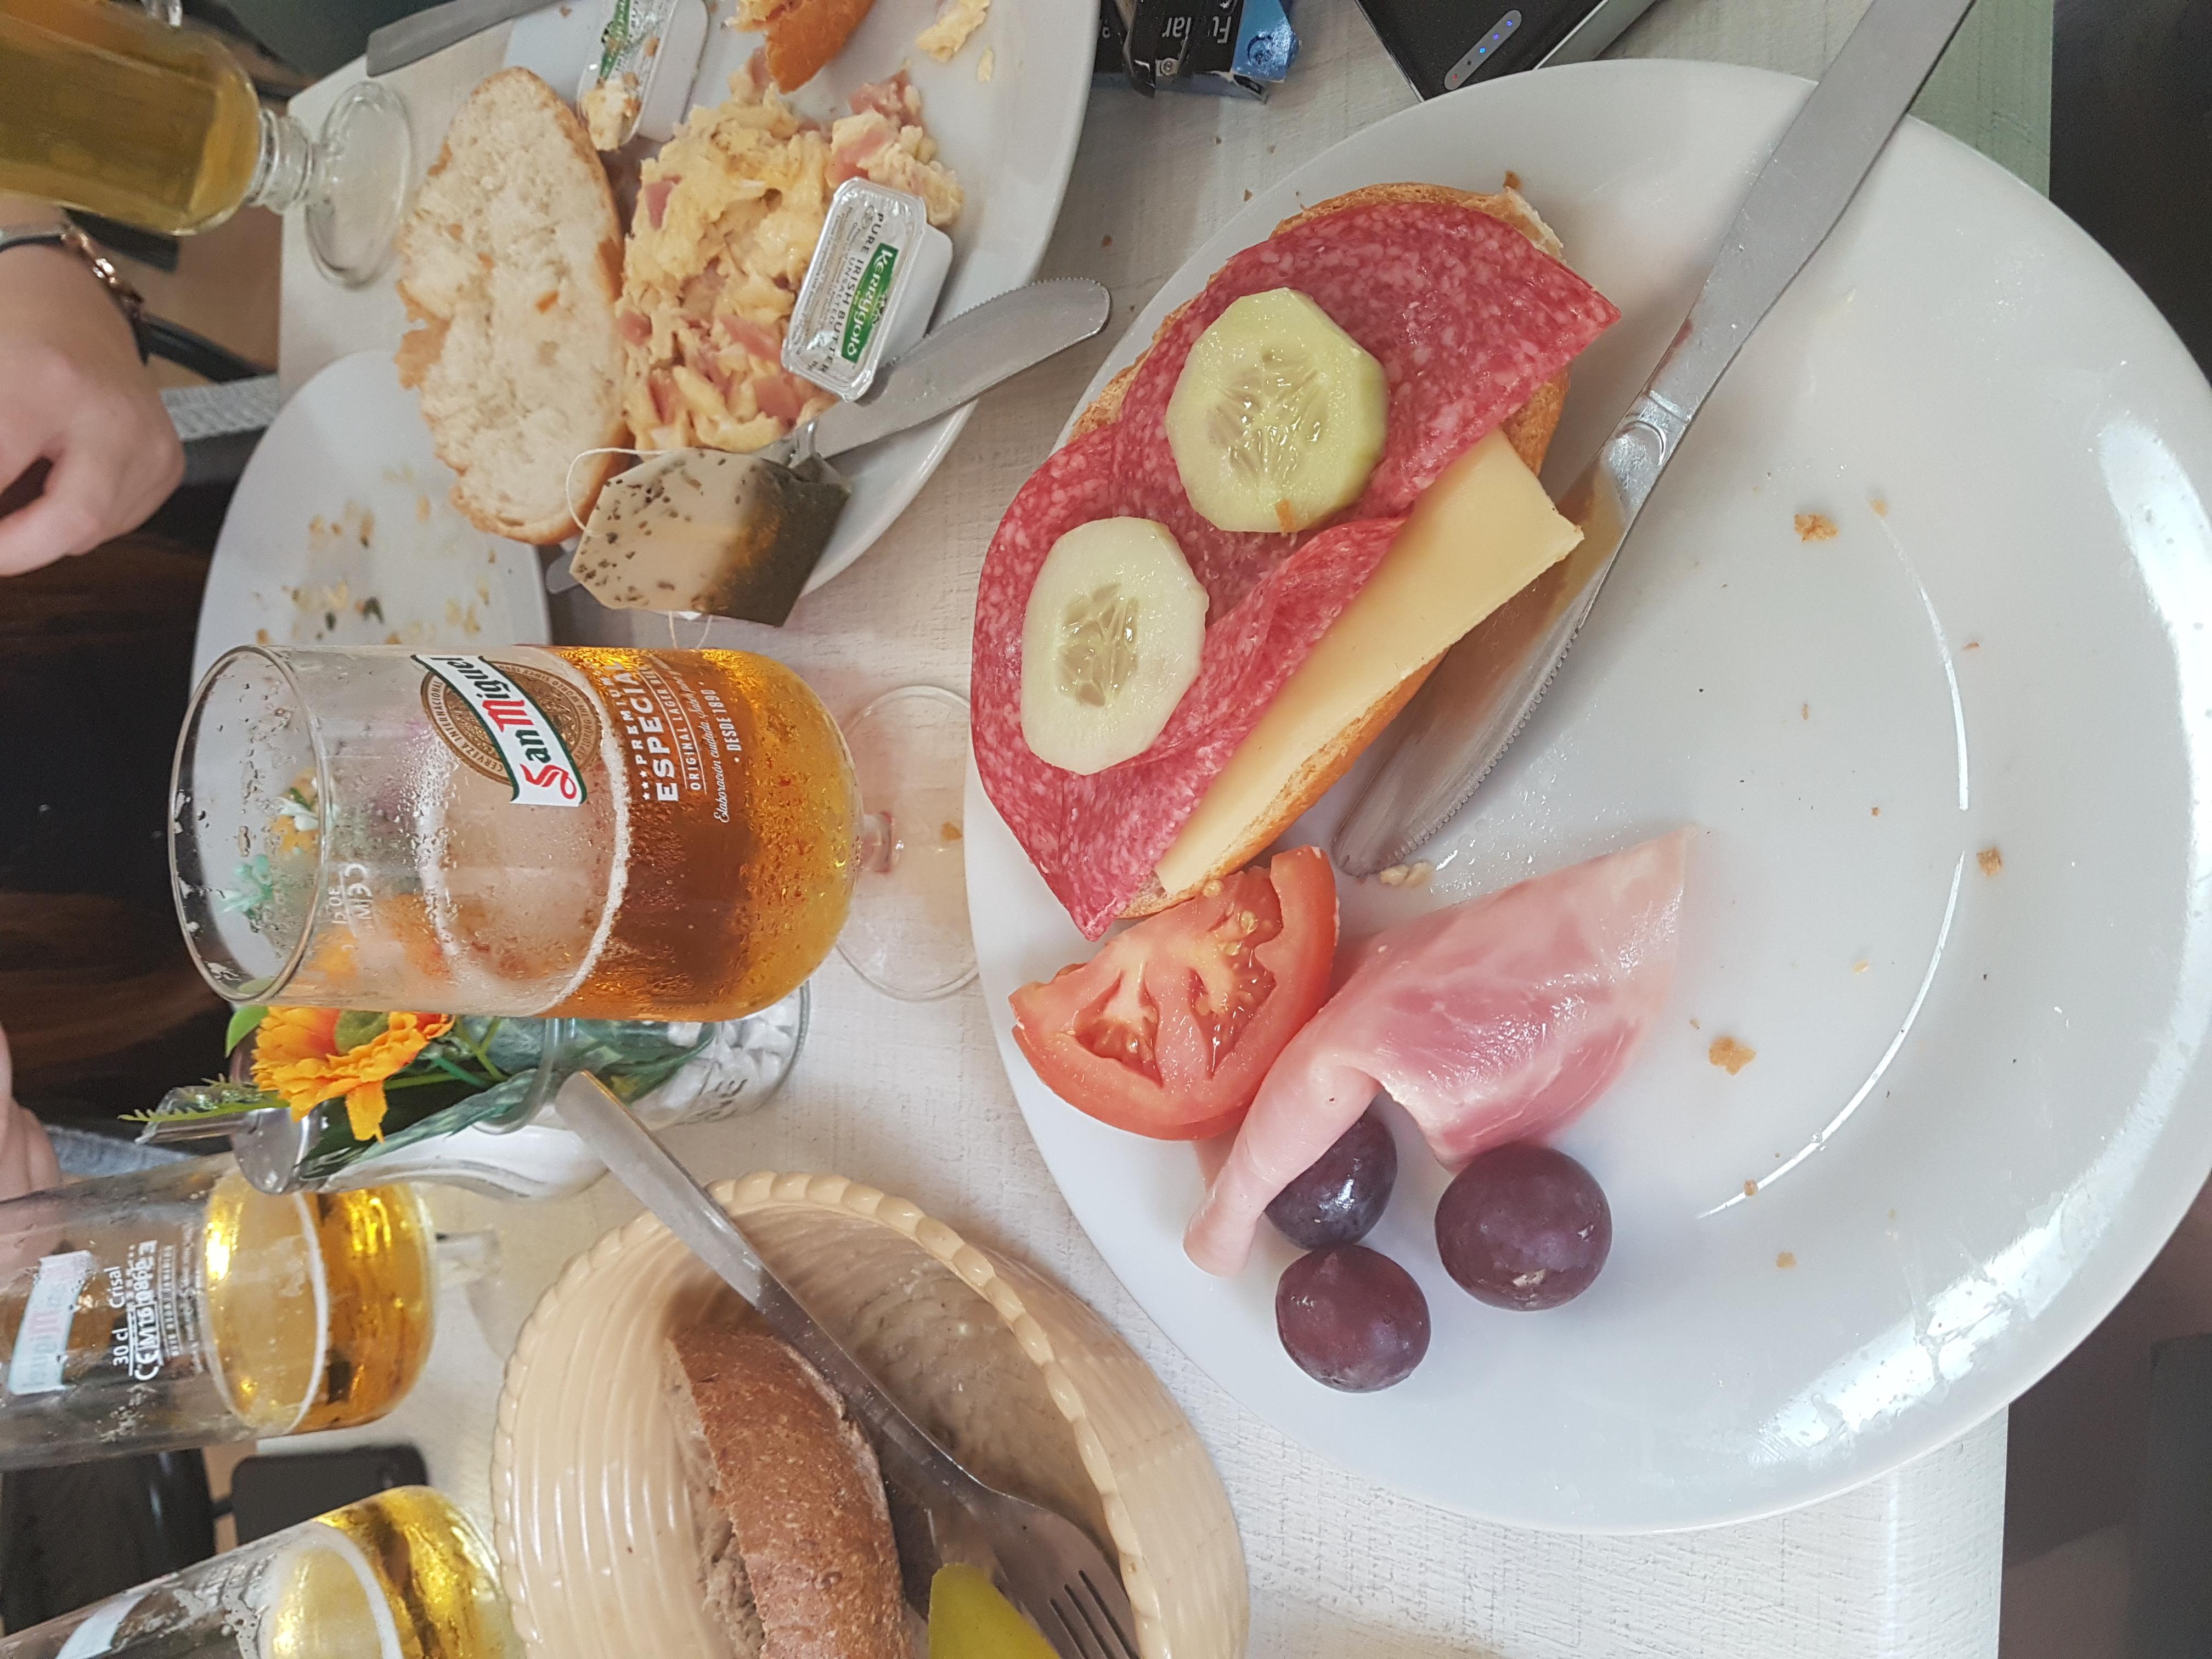 http://foodloader.net/Holz_2018-09-16_Fruehstueck.jpg